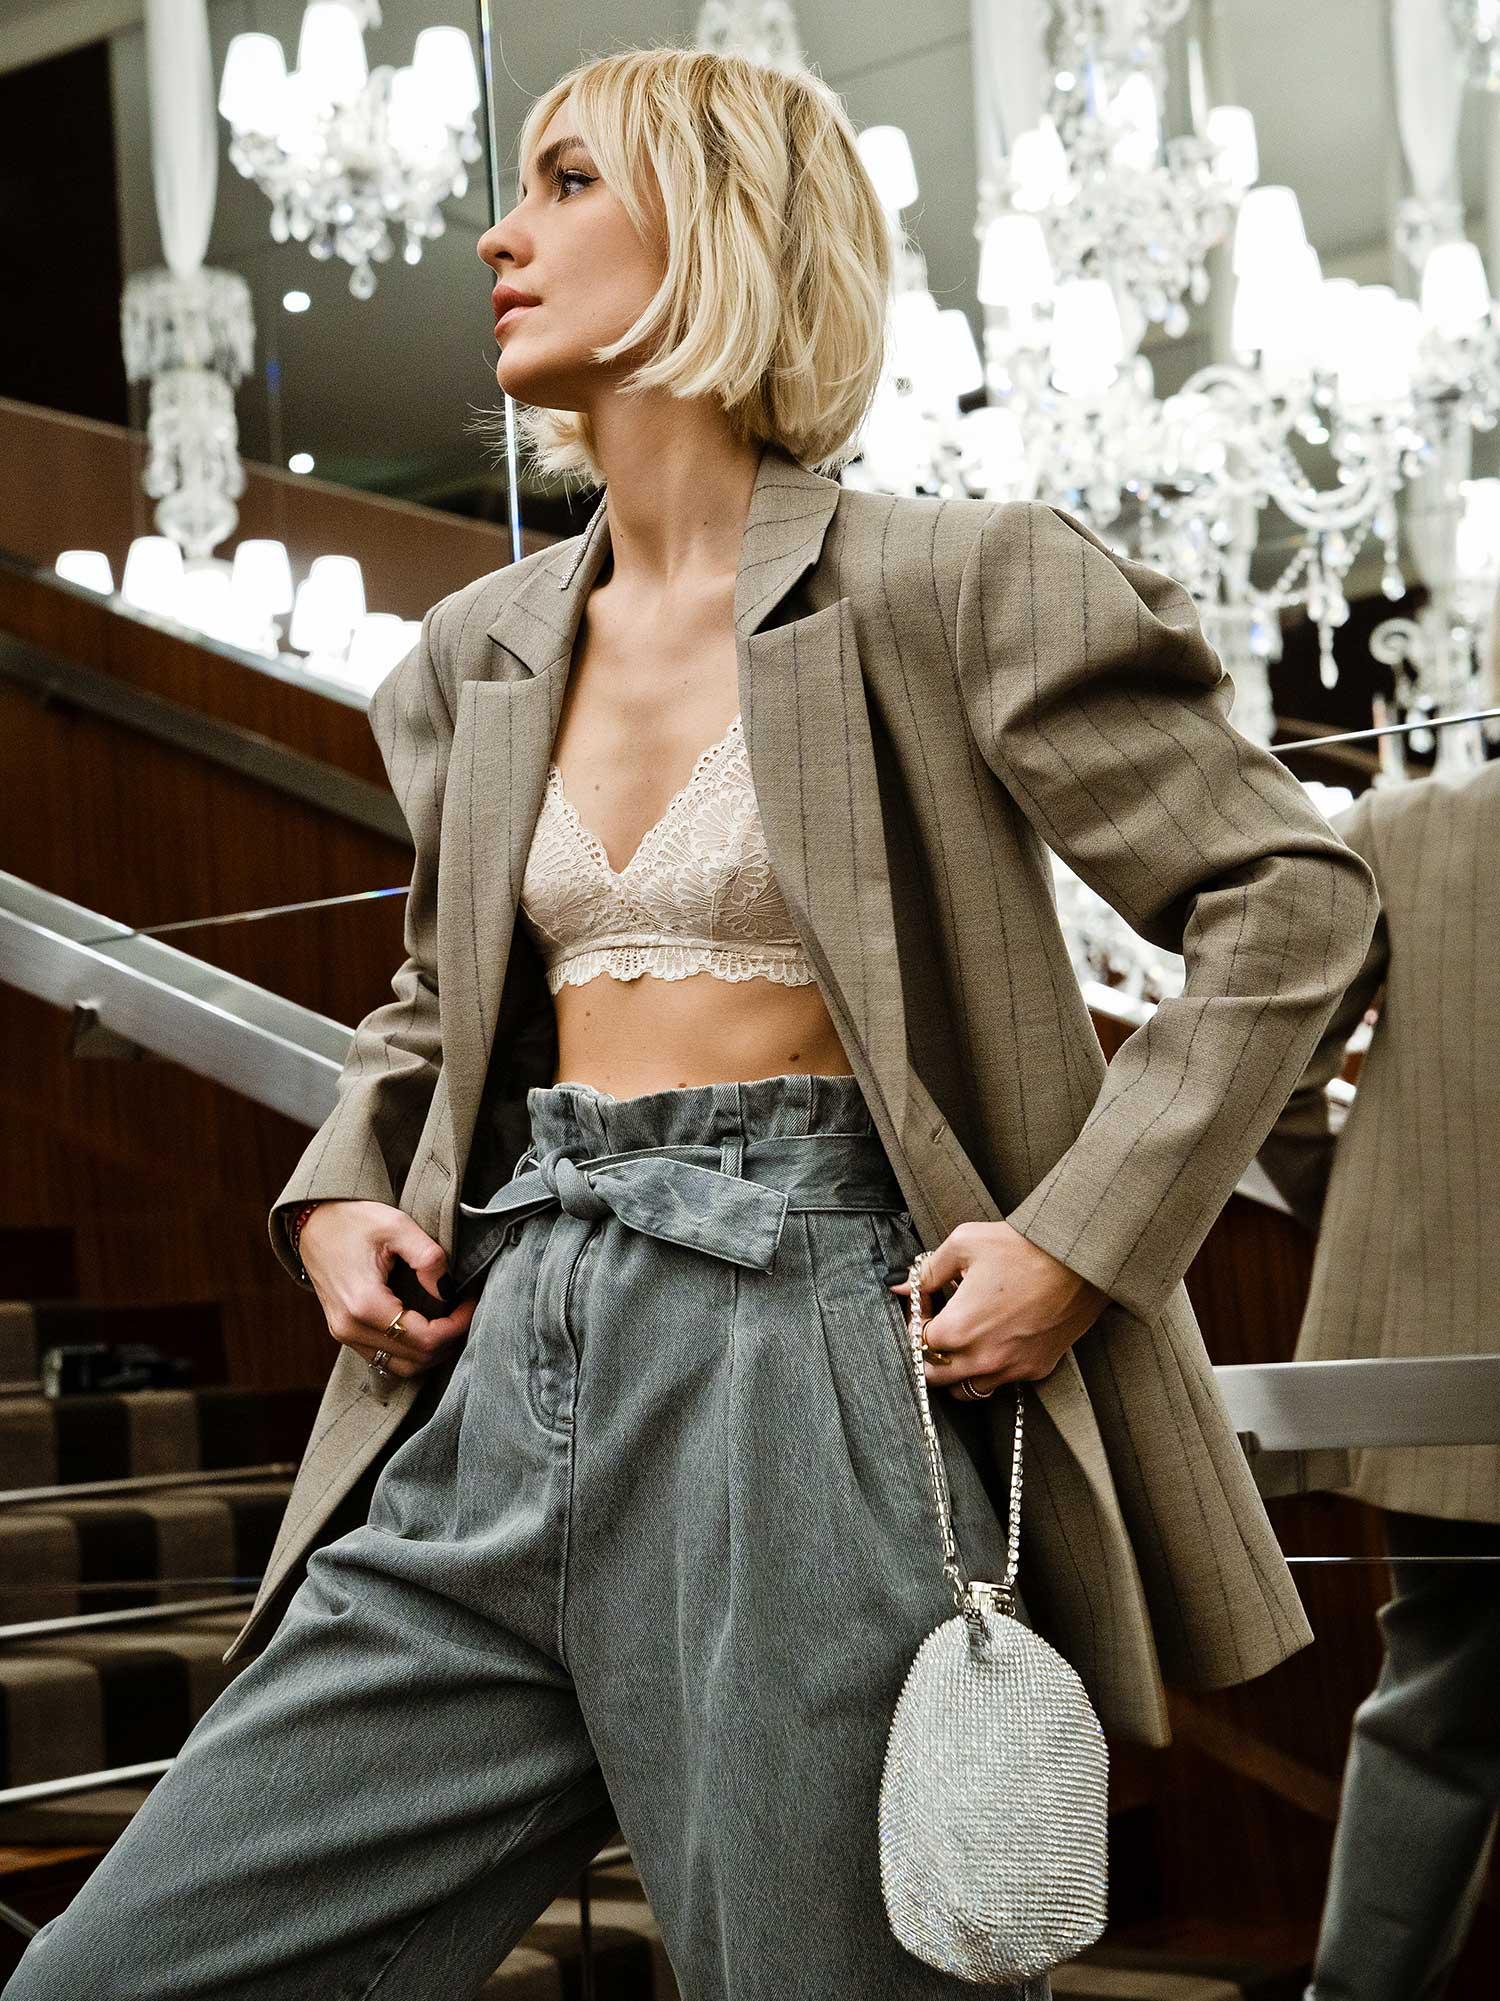 Viktoria Rader auf Paris Fashion Week mit Mey Triangel BH in Farbe New Pearl kombiniert zu Oversize-Blazer und Slouchy-Denim